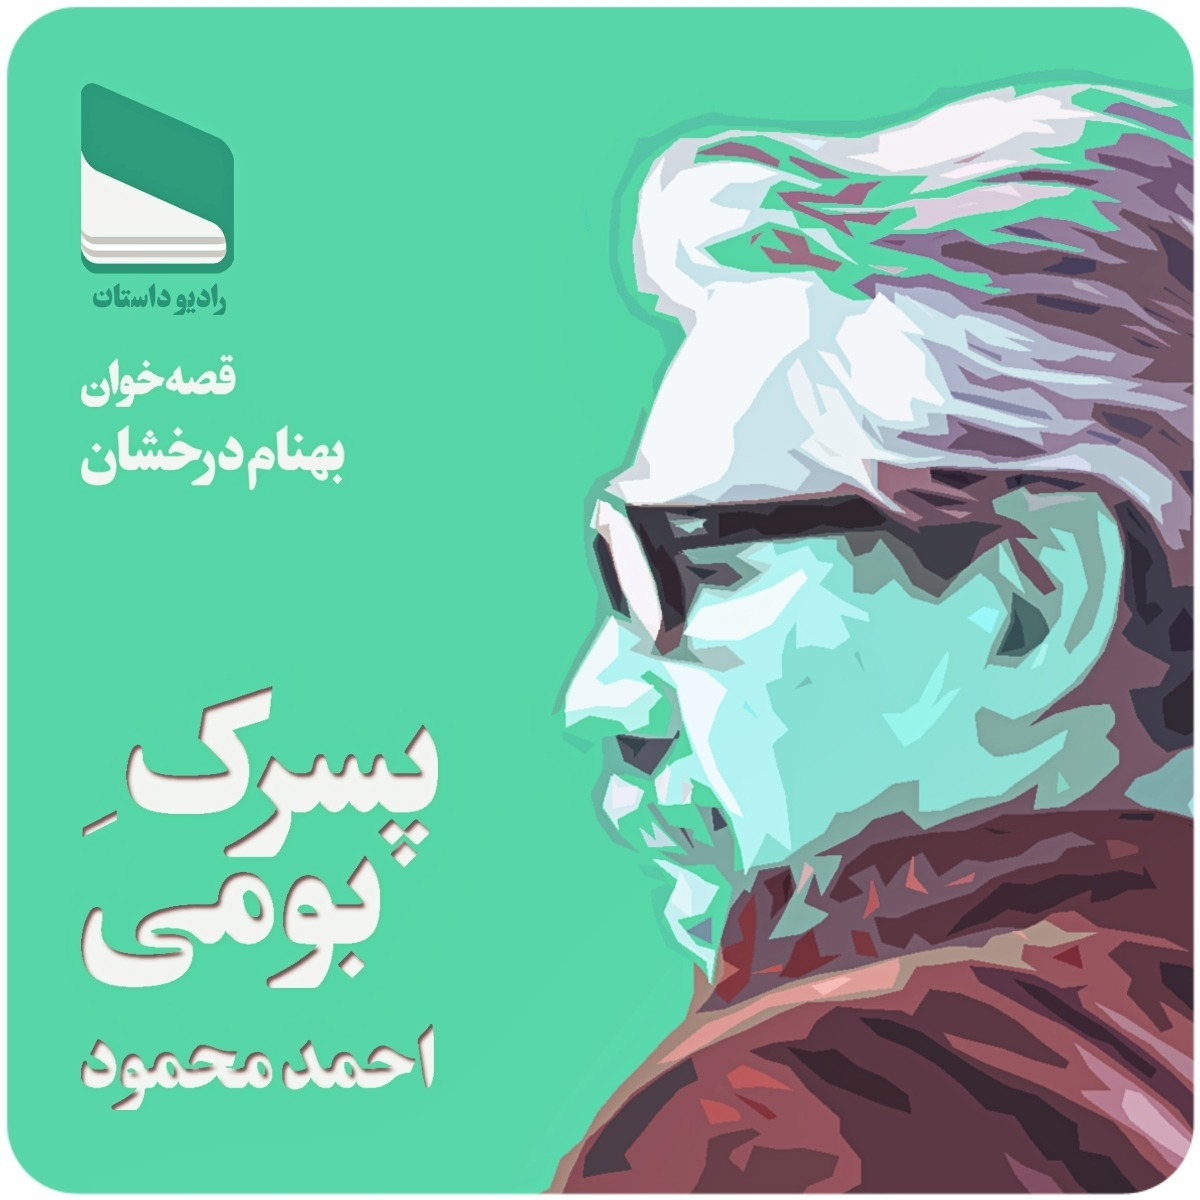 اپیزود چهلم - پسرک بومی - احمد محمود